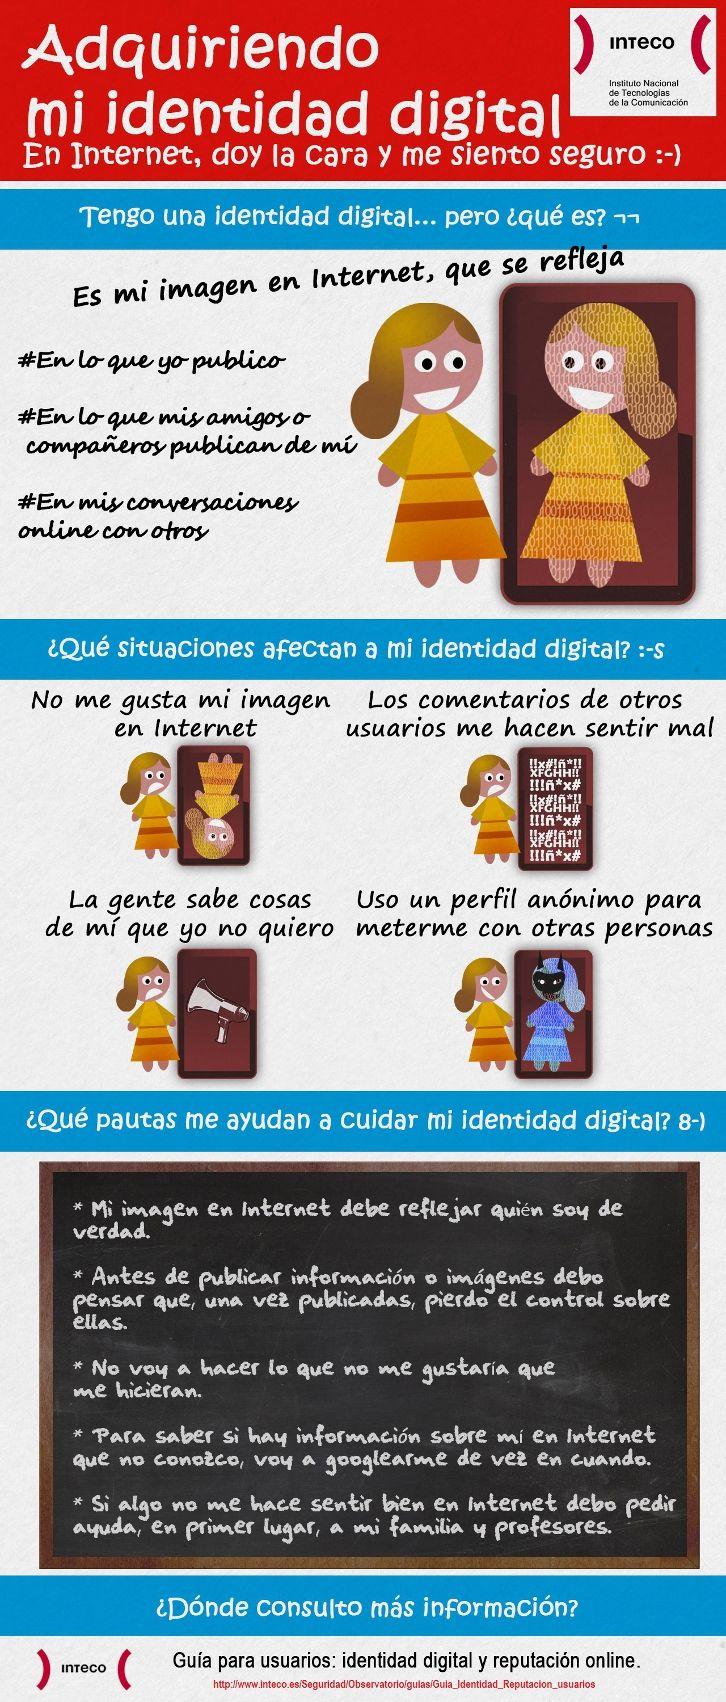 La identidad digital y los menores #infografia #infographic #internet | TICs y Formación